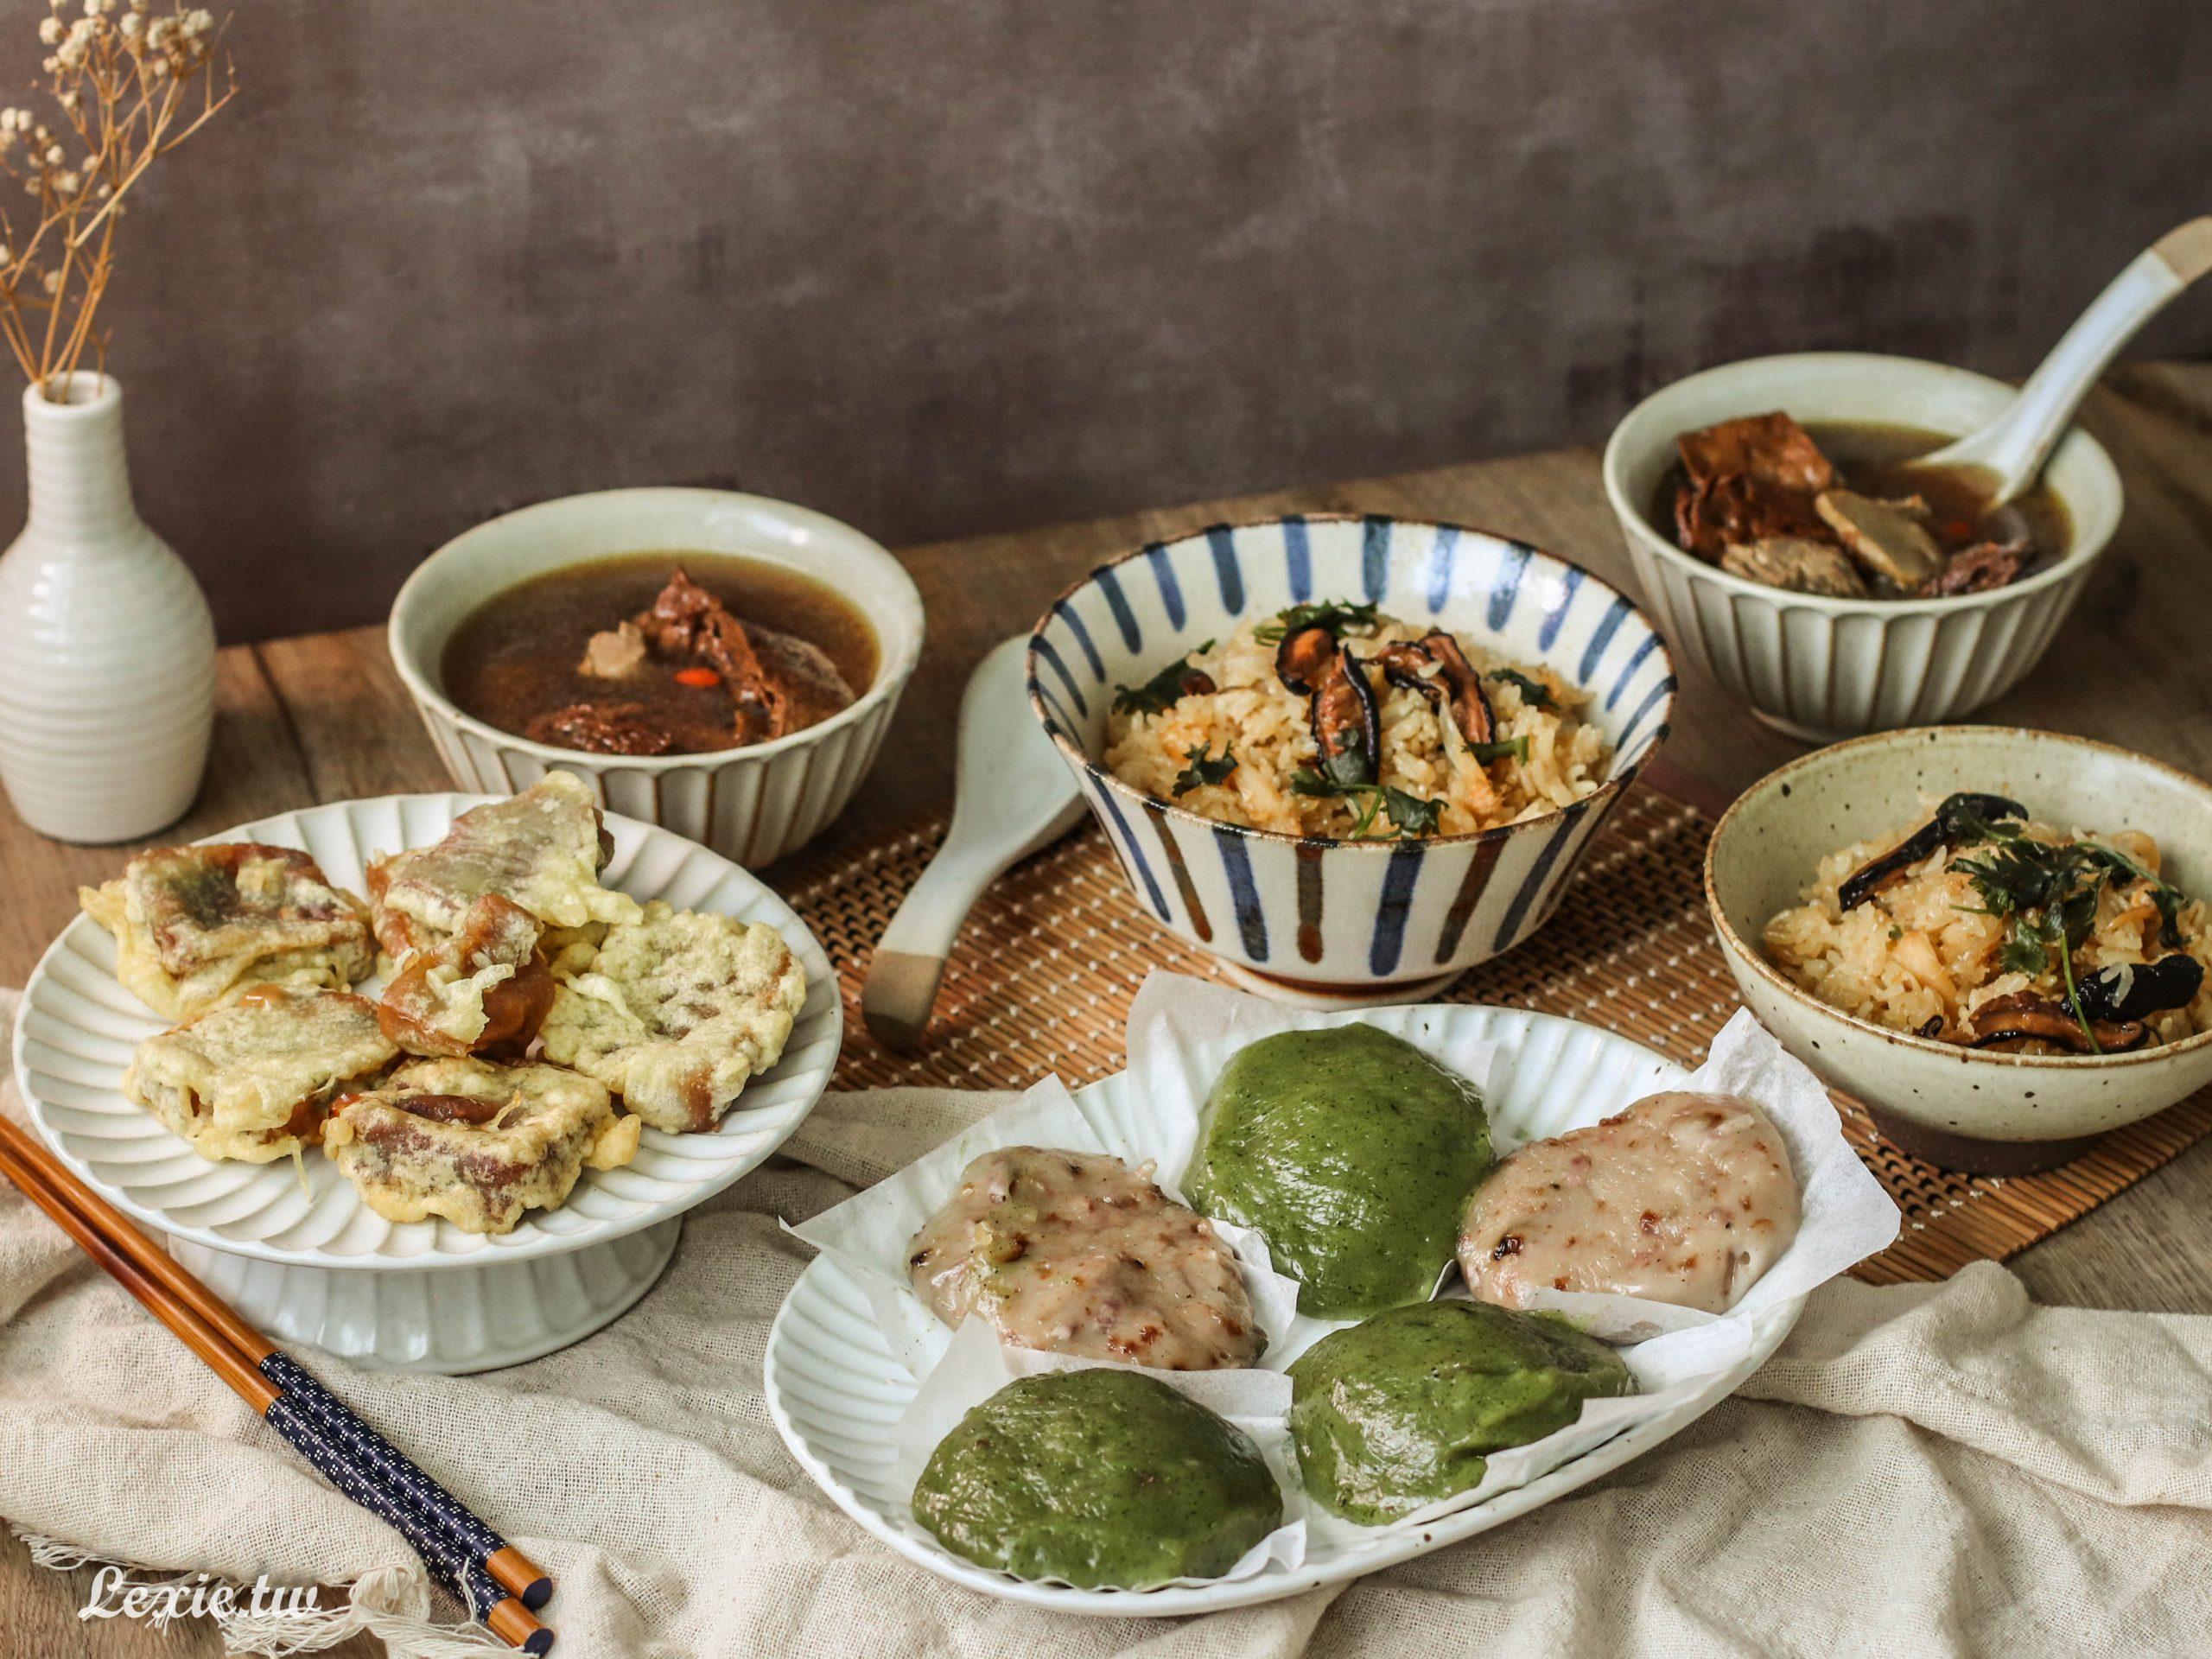 糕·食寤 重現傳統家鄉味-宅配米糕年糕蘿蔔糕、草仔粿/素食可食